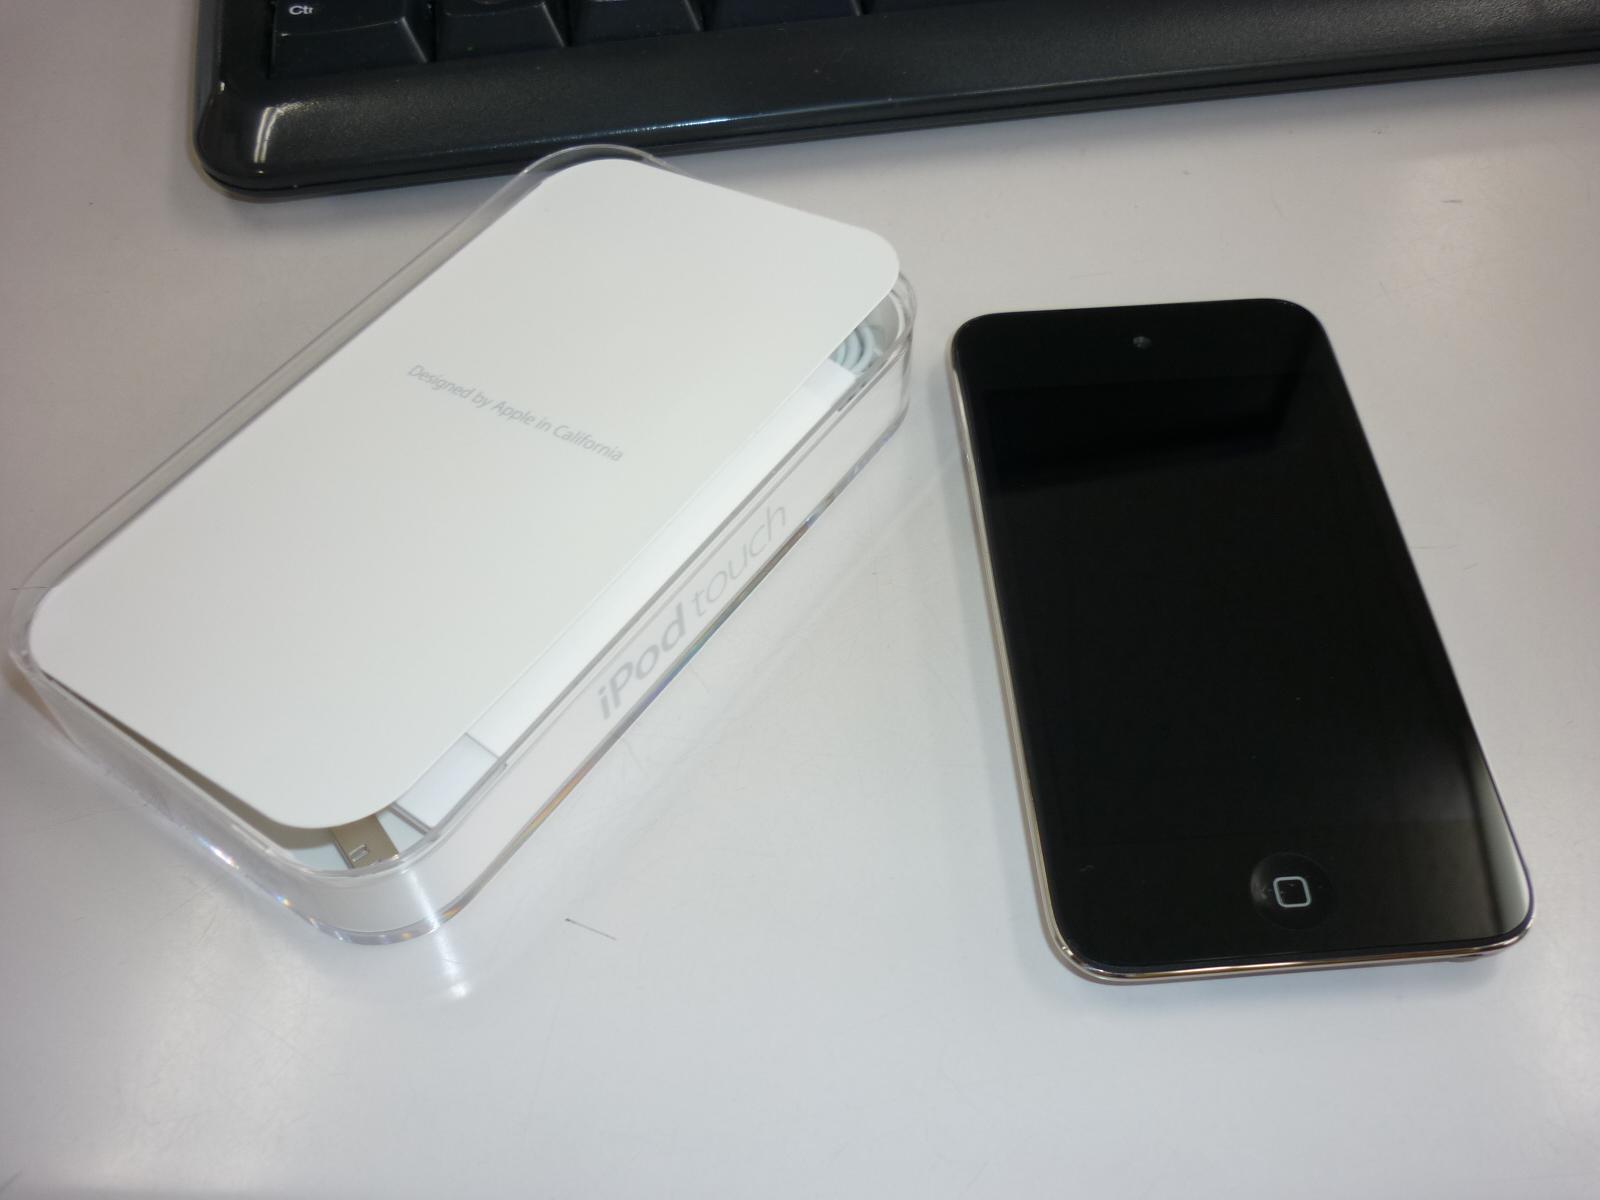 iPod touchも導入しました